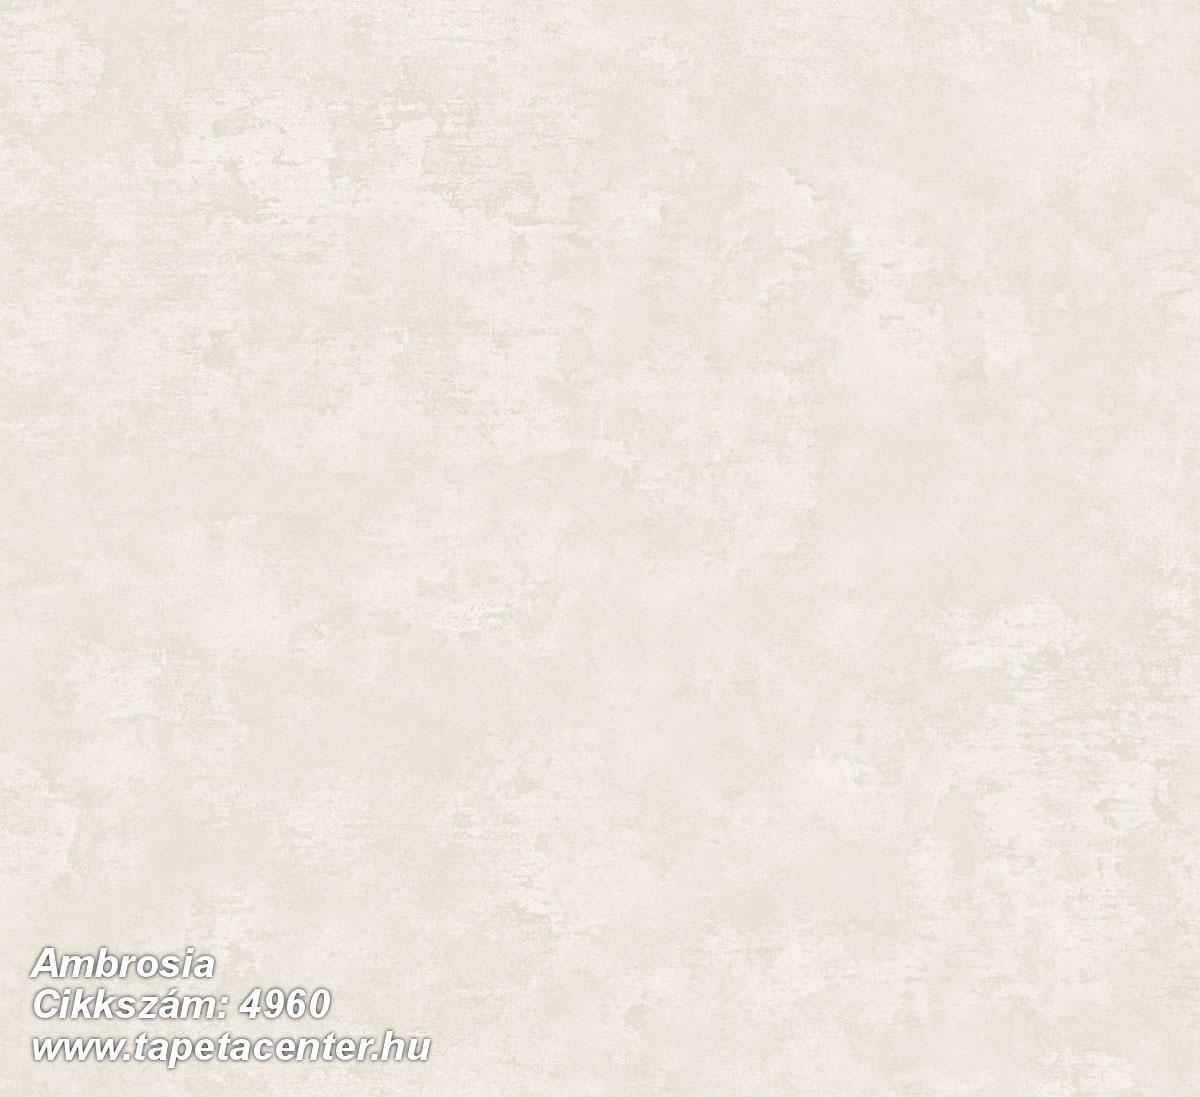 Ambrosia - 4960 Olasz tapéta